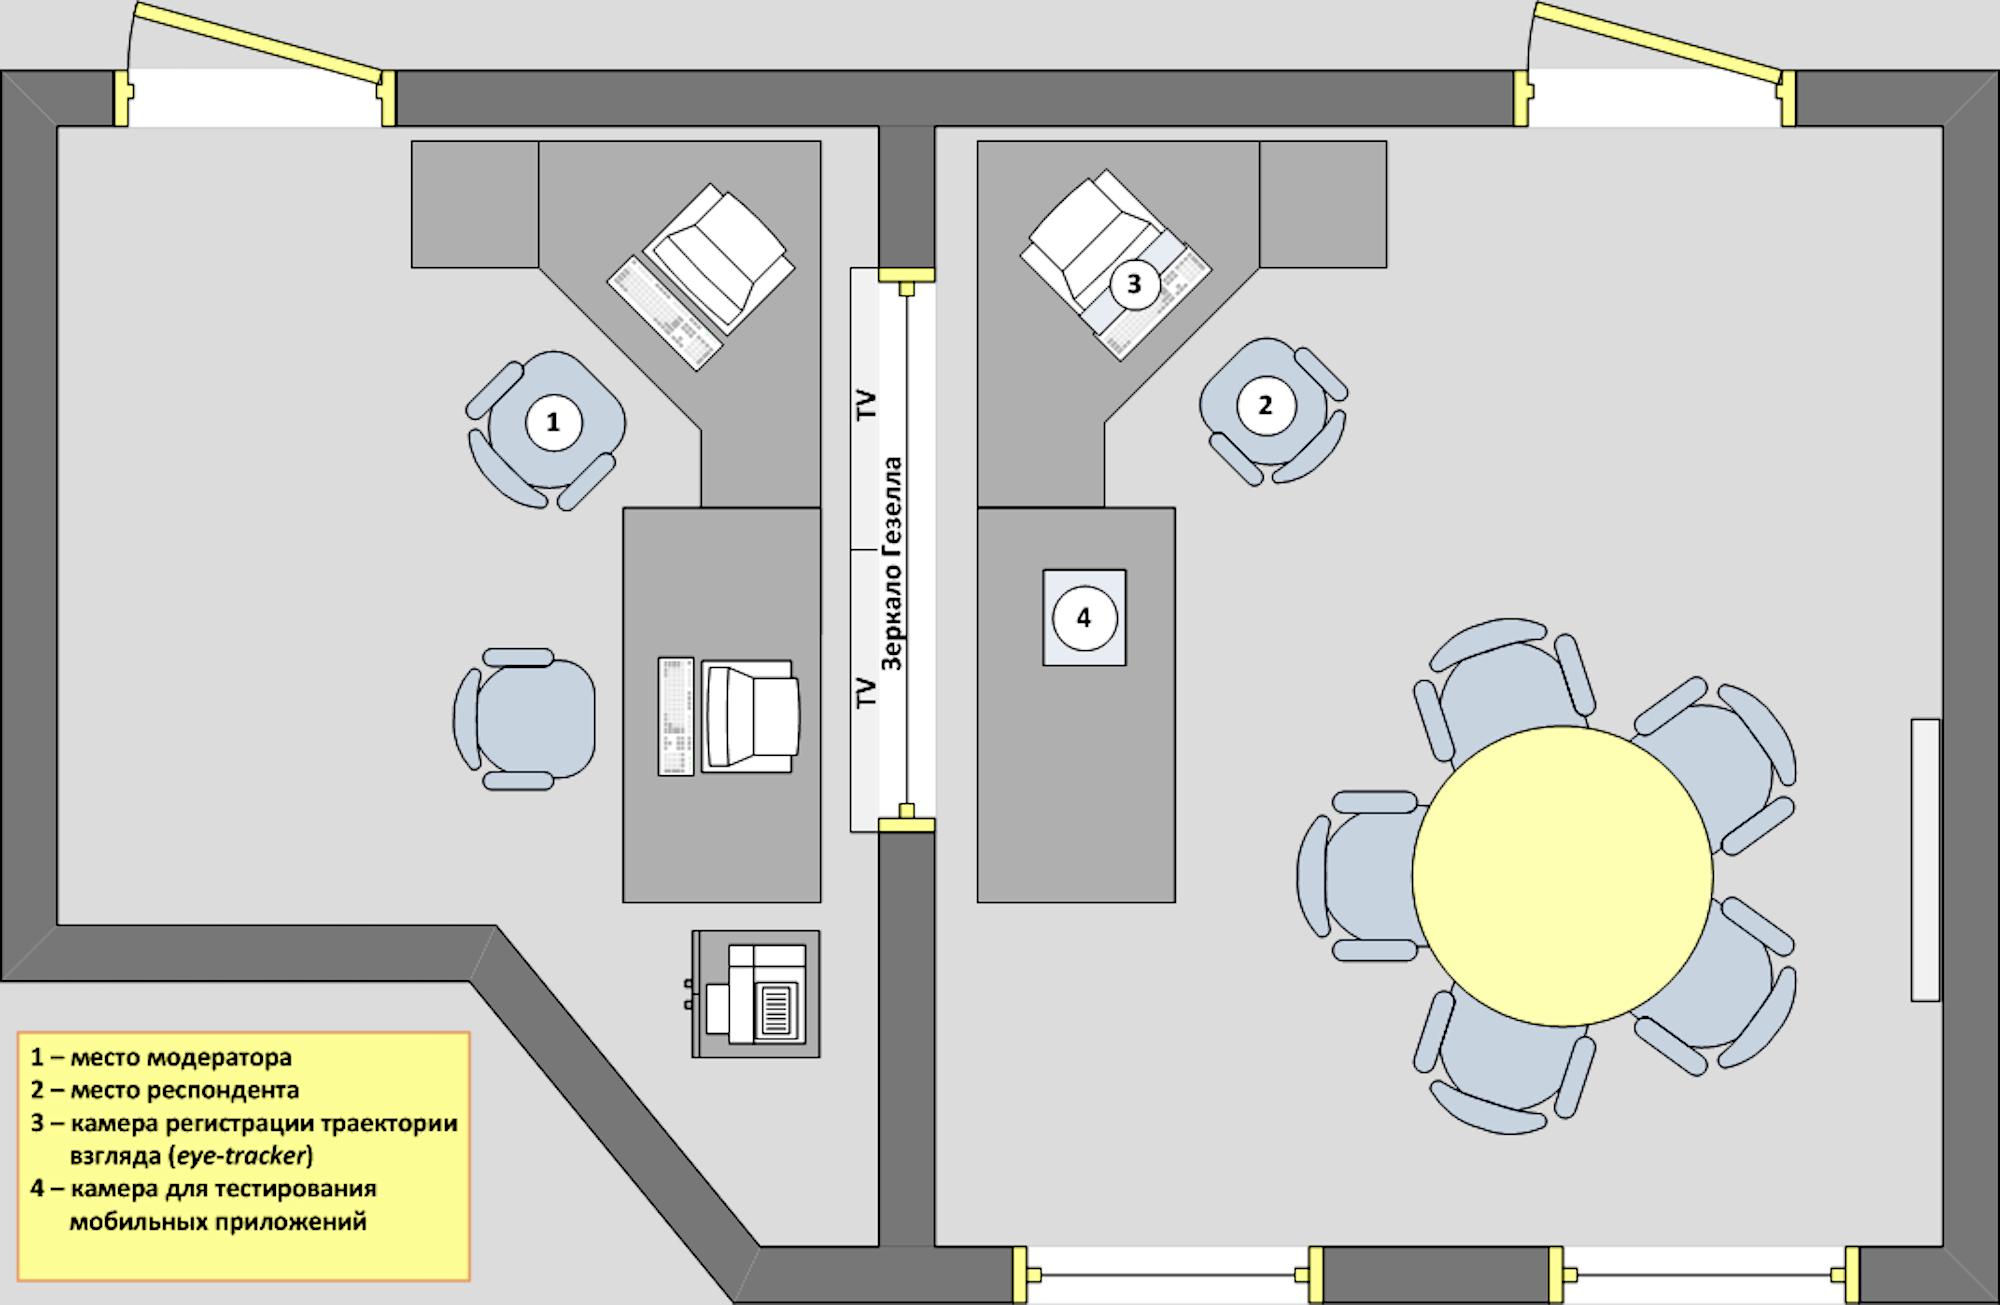 Лаборатория тестирования интерфейсов — Университет ИТМО